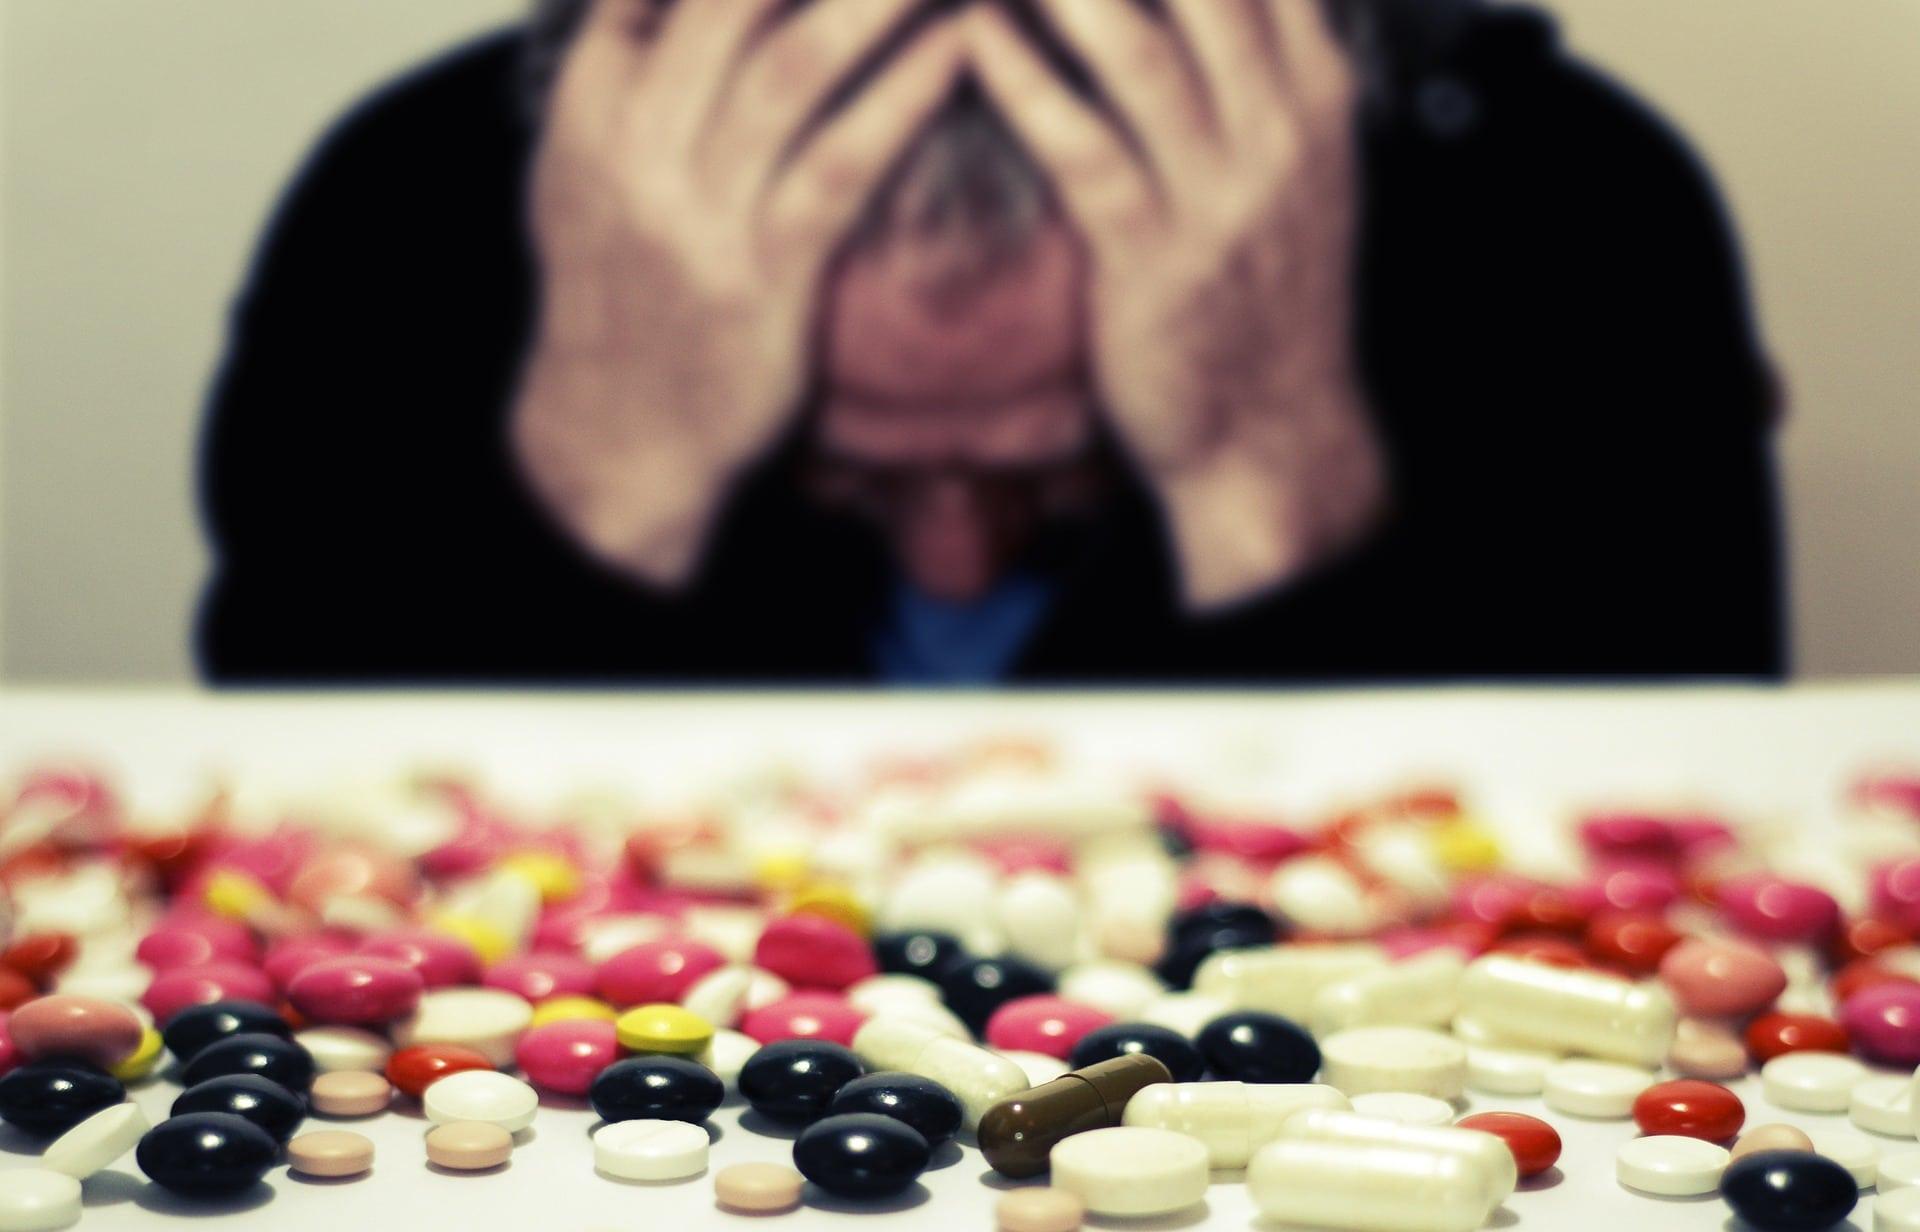 Medikamentenmissbrauch durch Stress